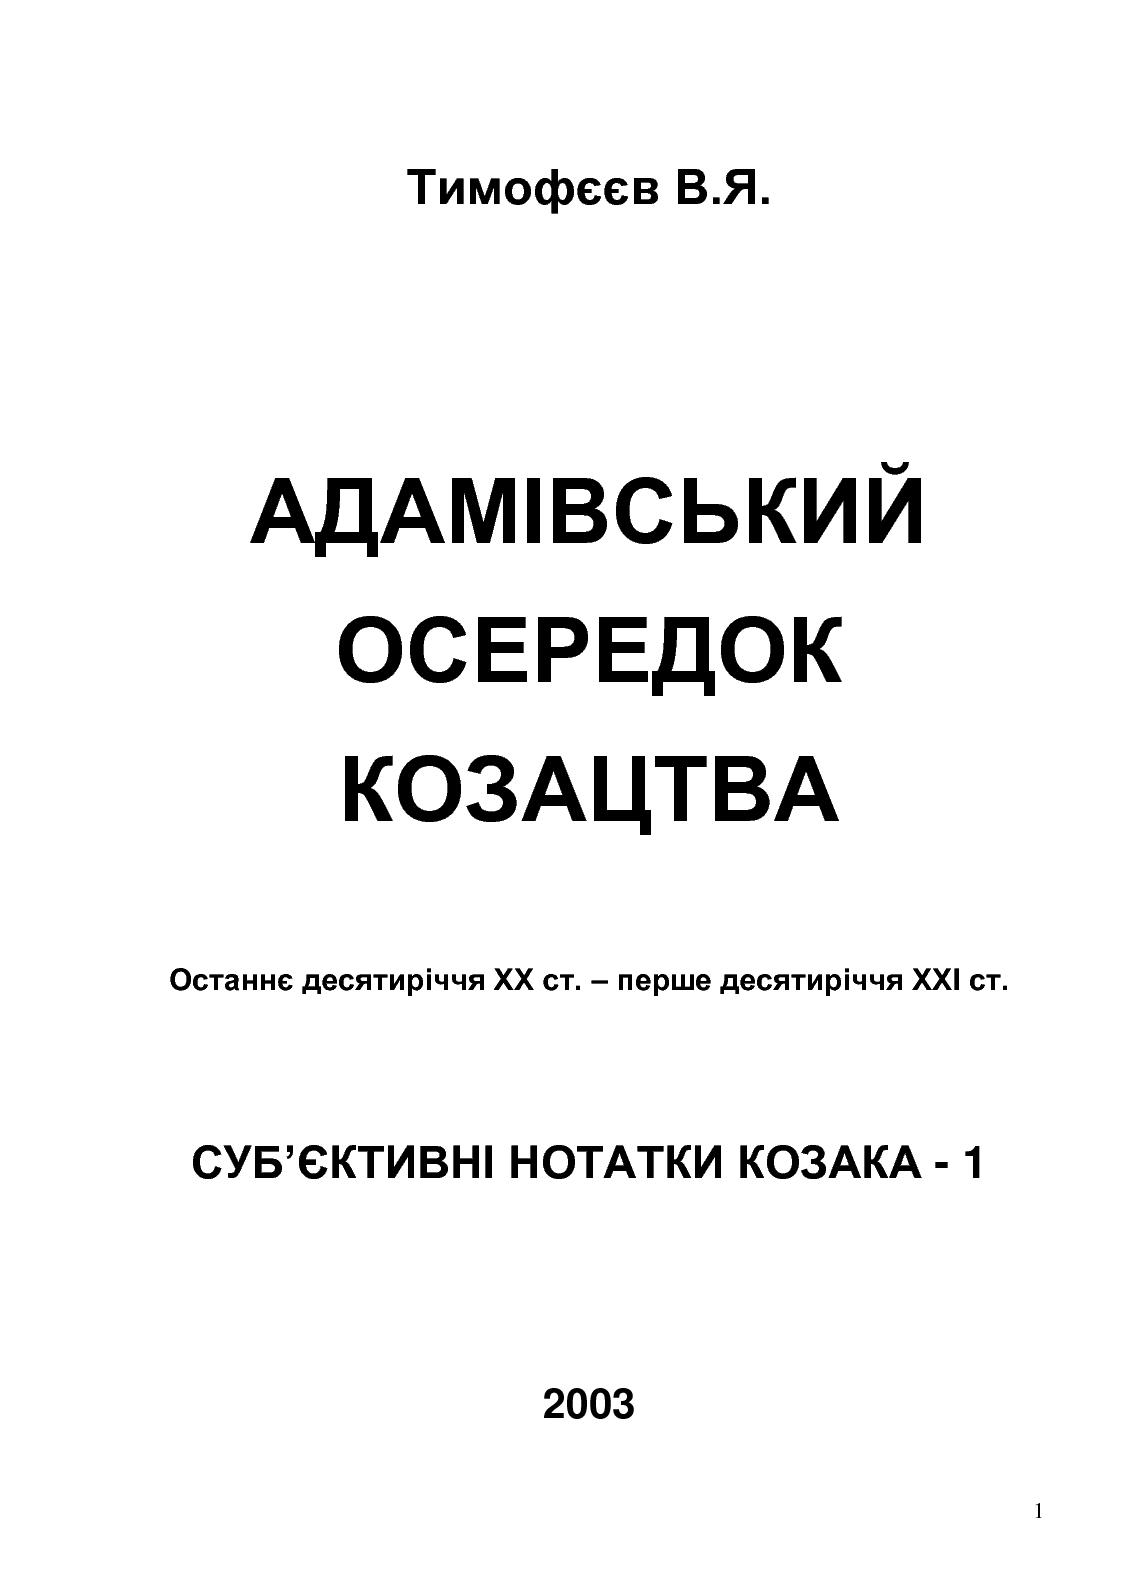 Calaméo - 11А 1988-2003 АДАМІВСЬКИЙ ОСЕРЕДОК КОЗАЦТВА 1-3ч 05a8f0478e2c0